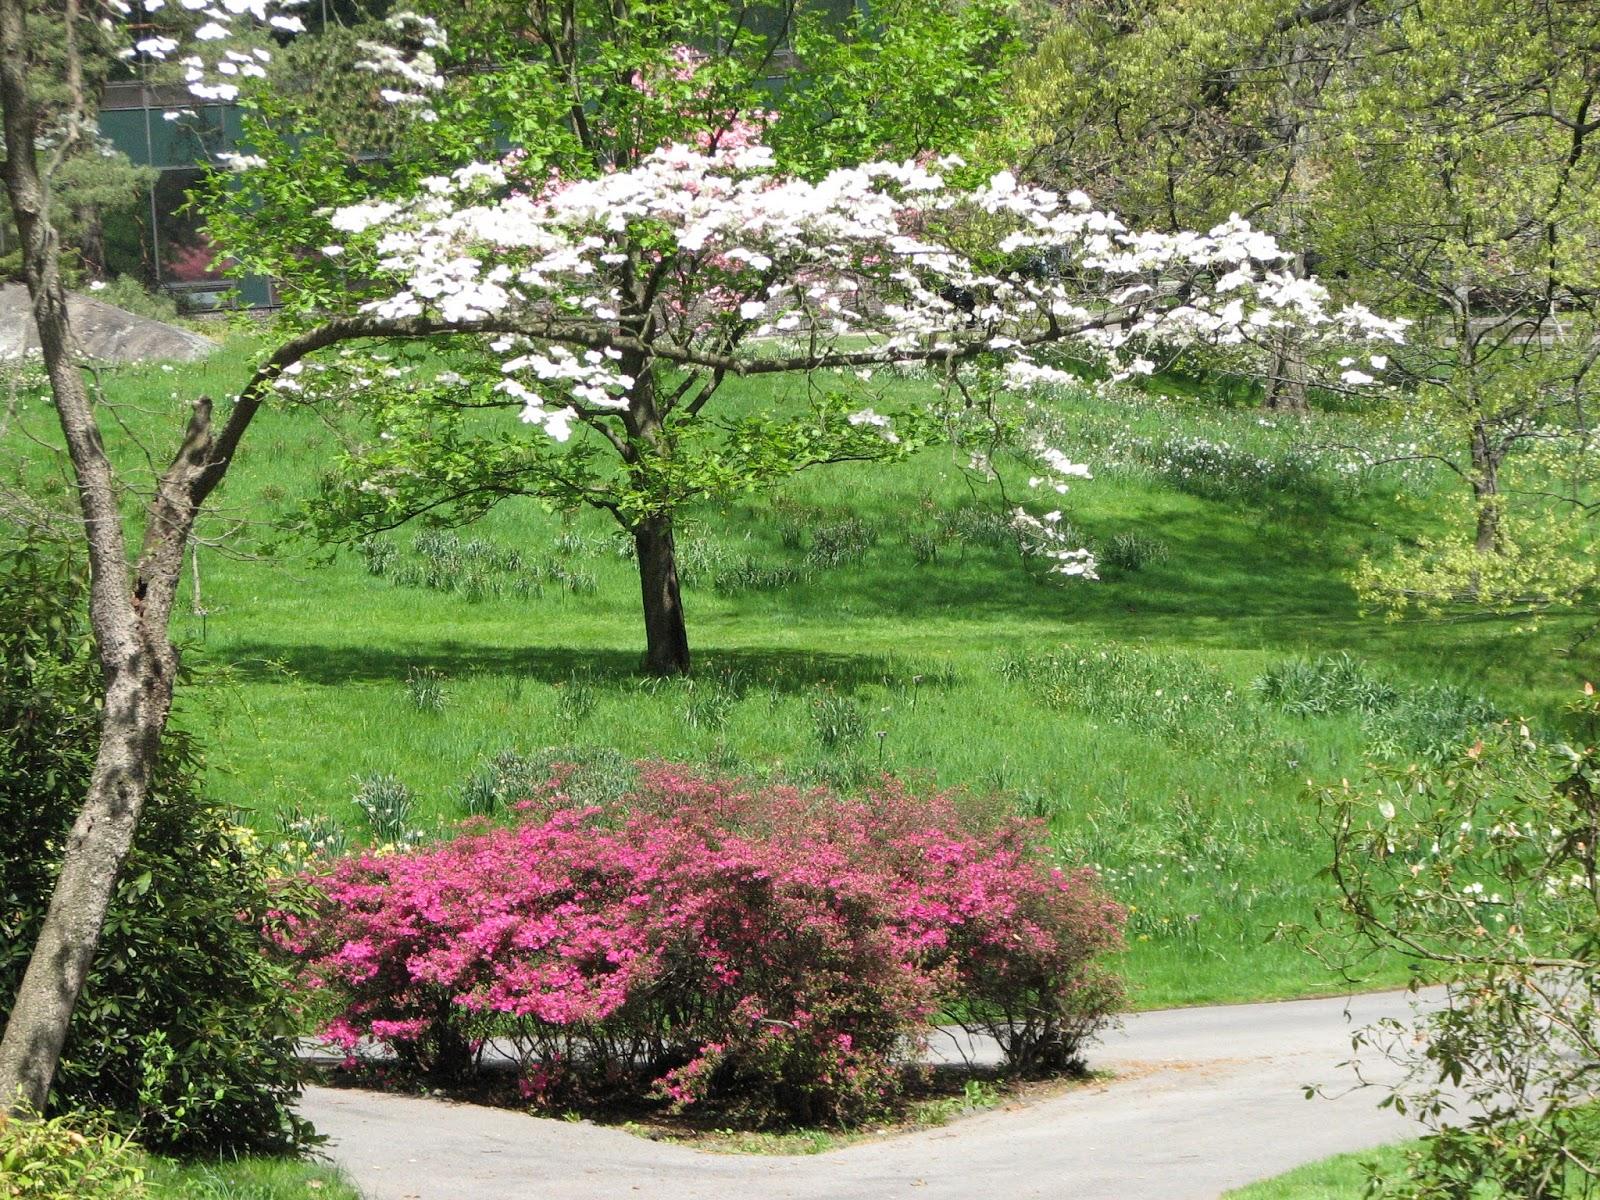 Bonao internacional jardin botanico de nueva york for Arboles jardin botanico